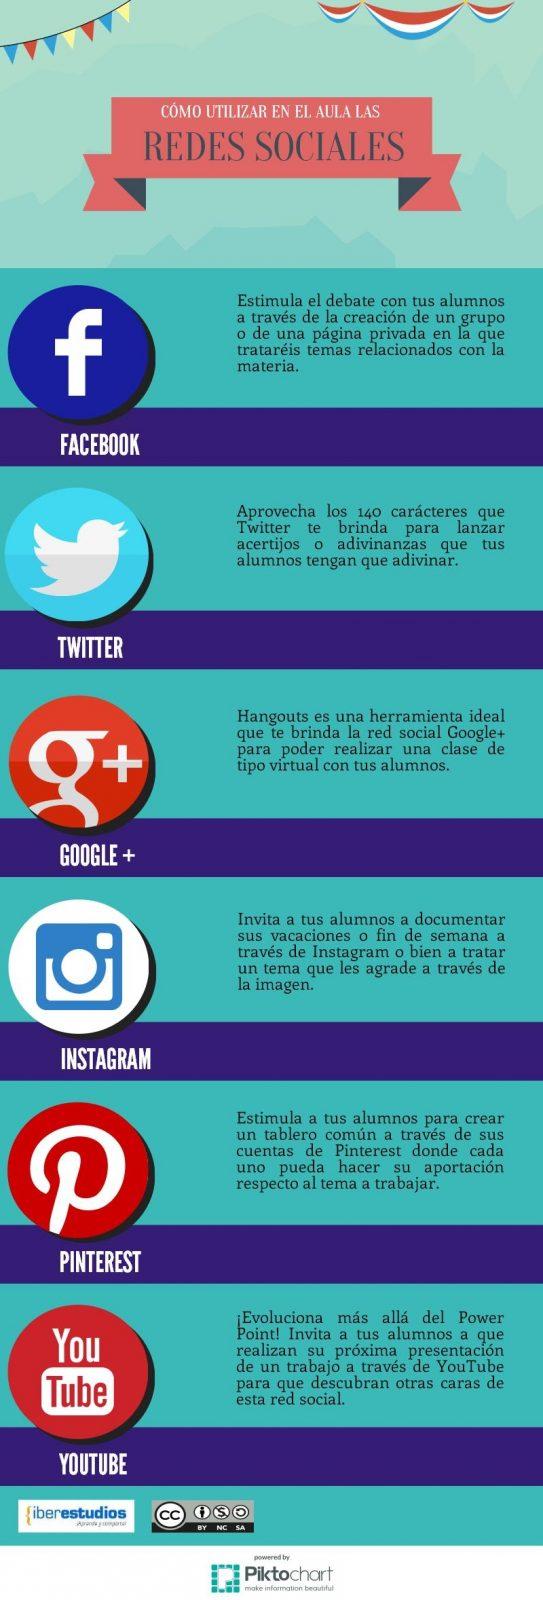 como-utilizar-redes-sociales-educacion